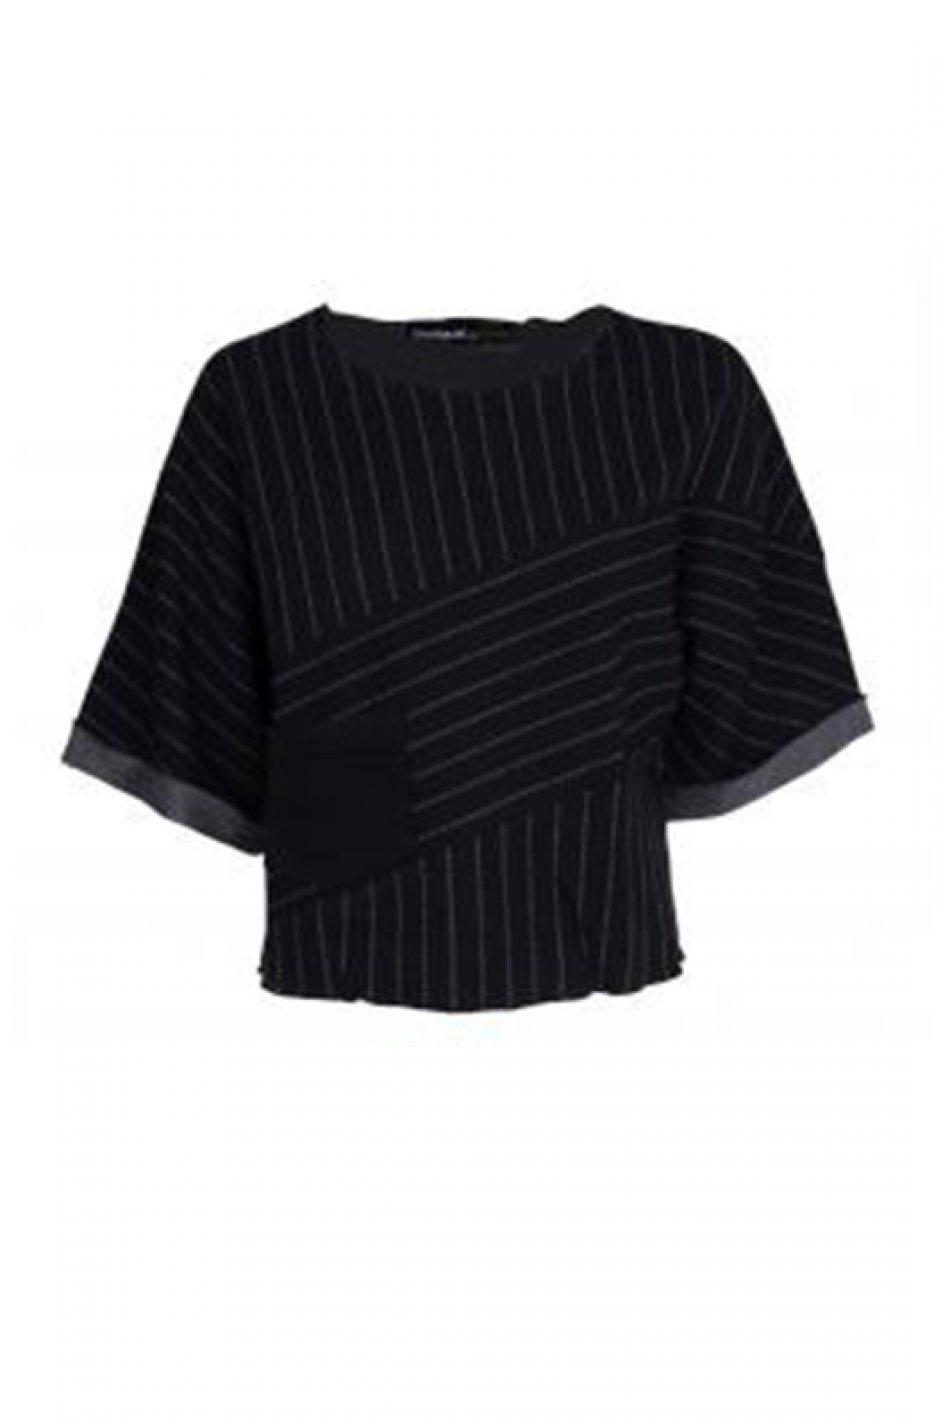 Bluza cu maneca scurta, Desigual, Negru, S EU